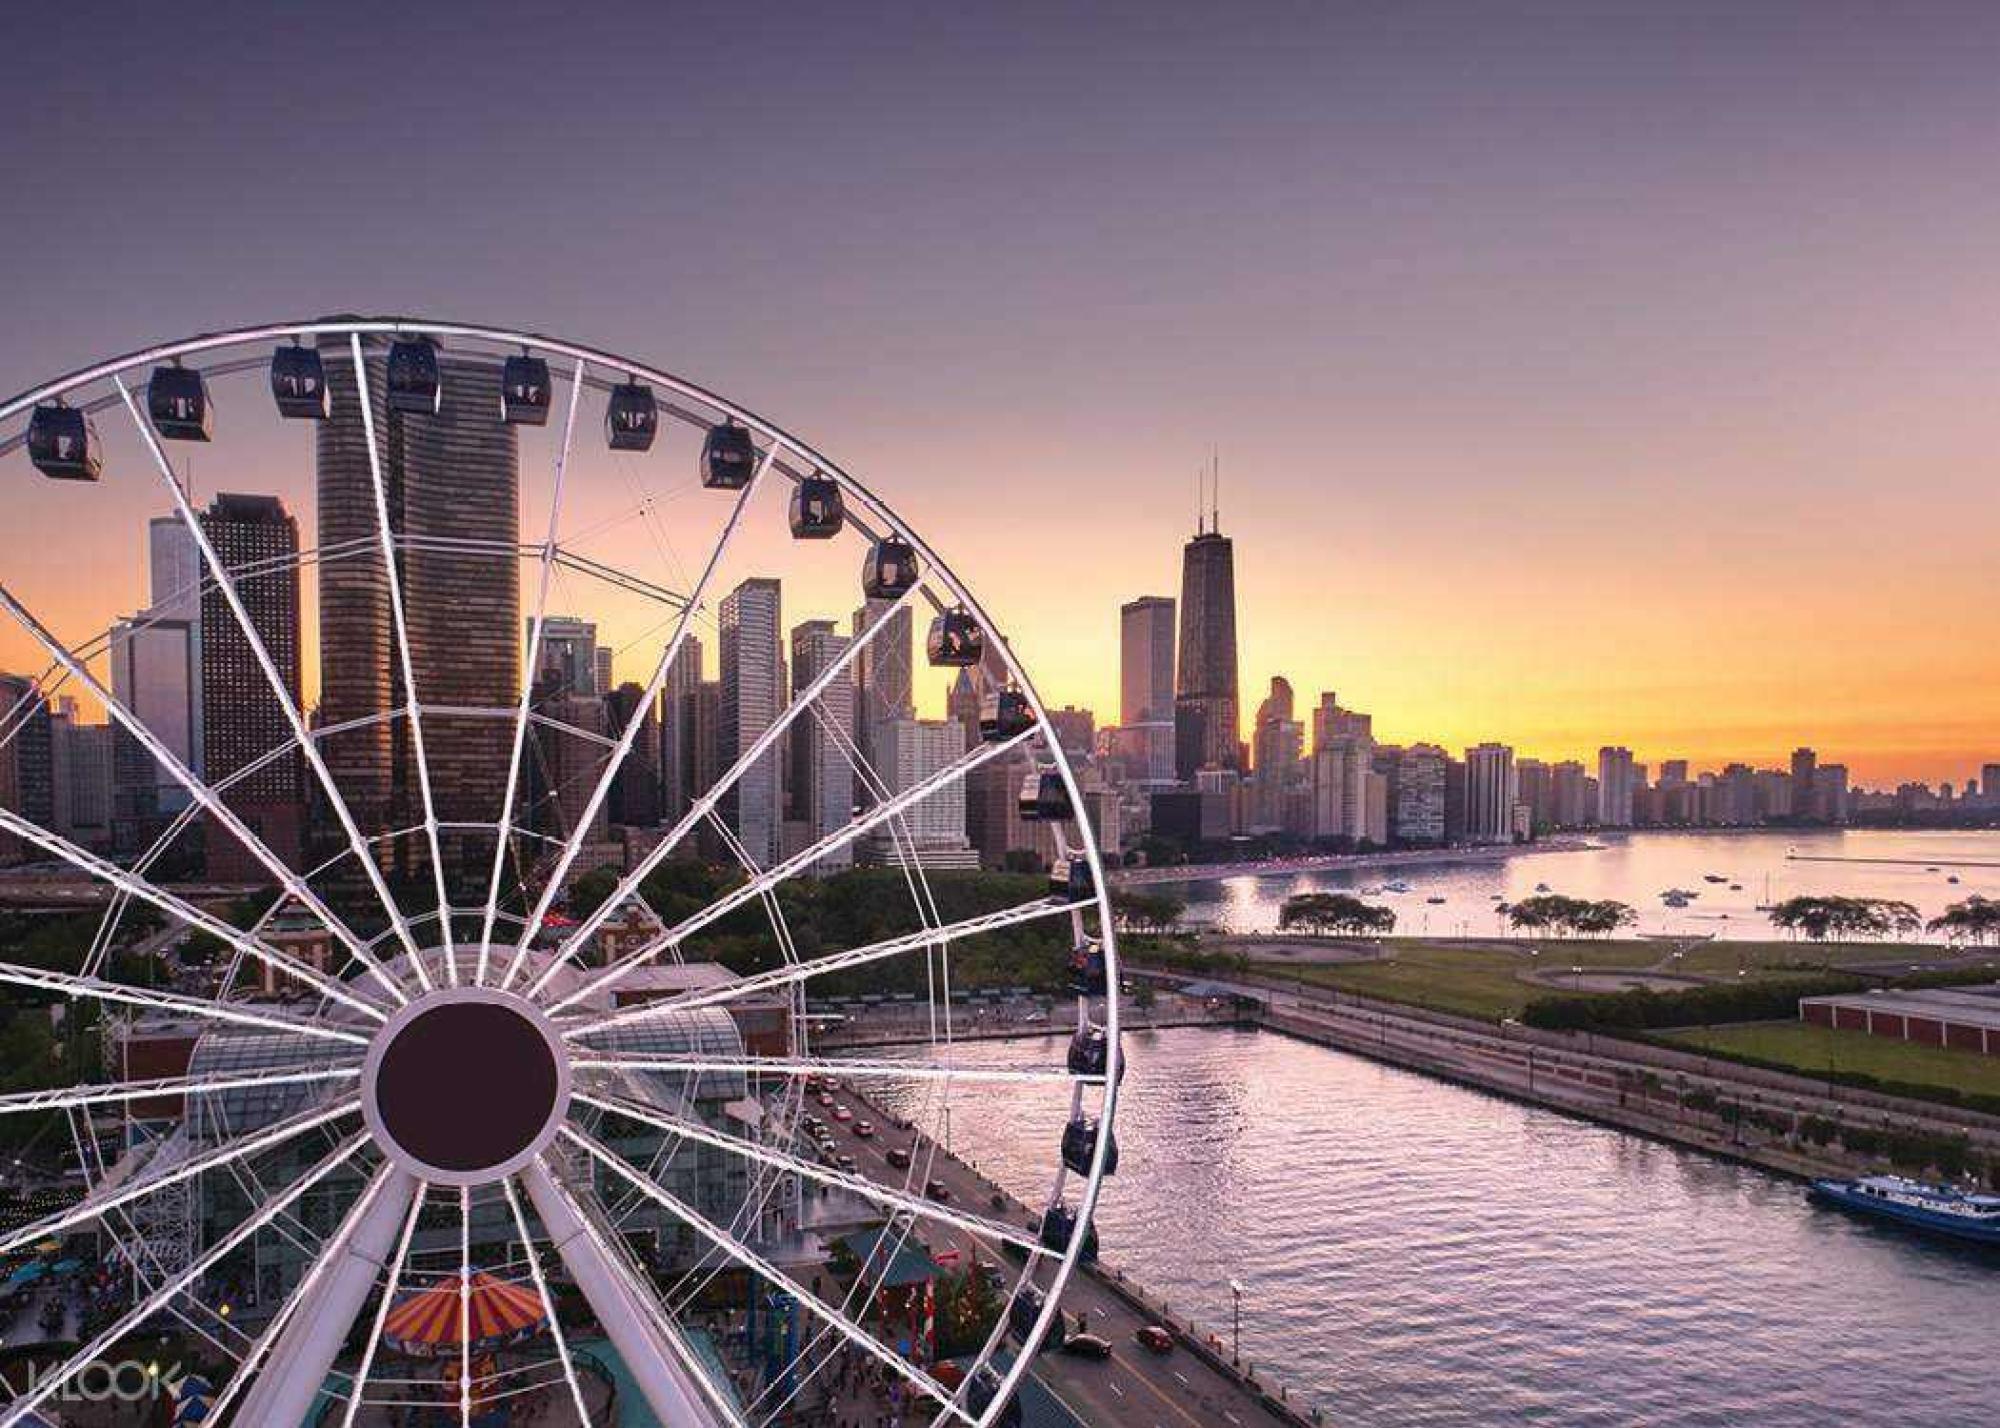 Navy Pier Centennial Wheel Chicago